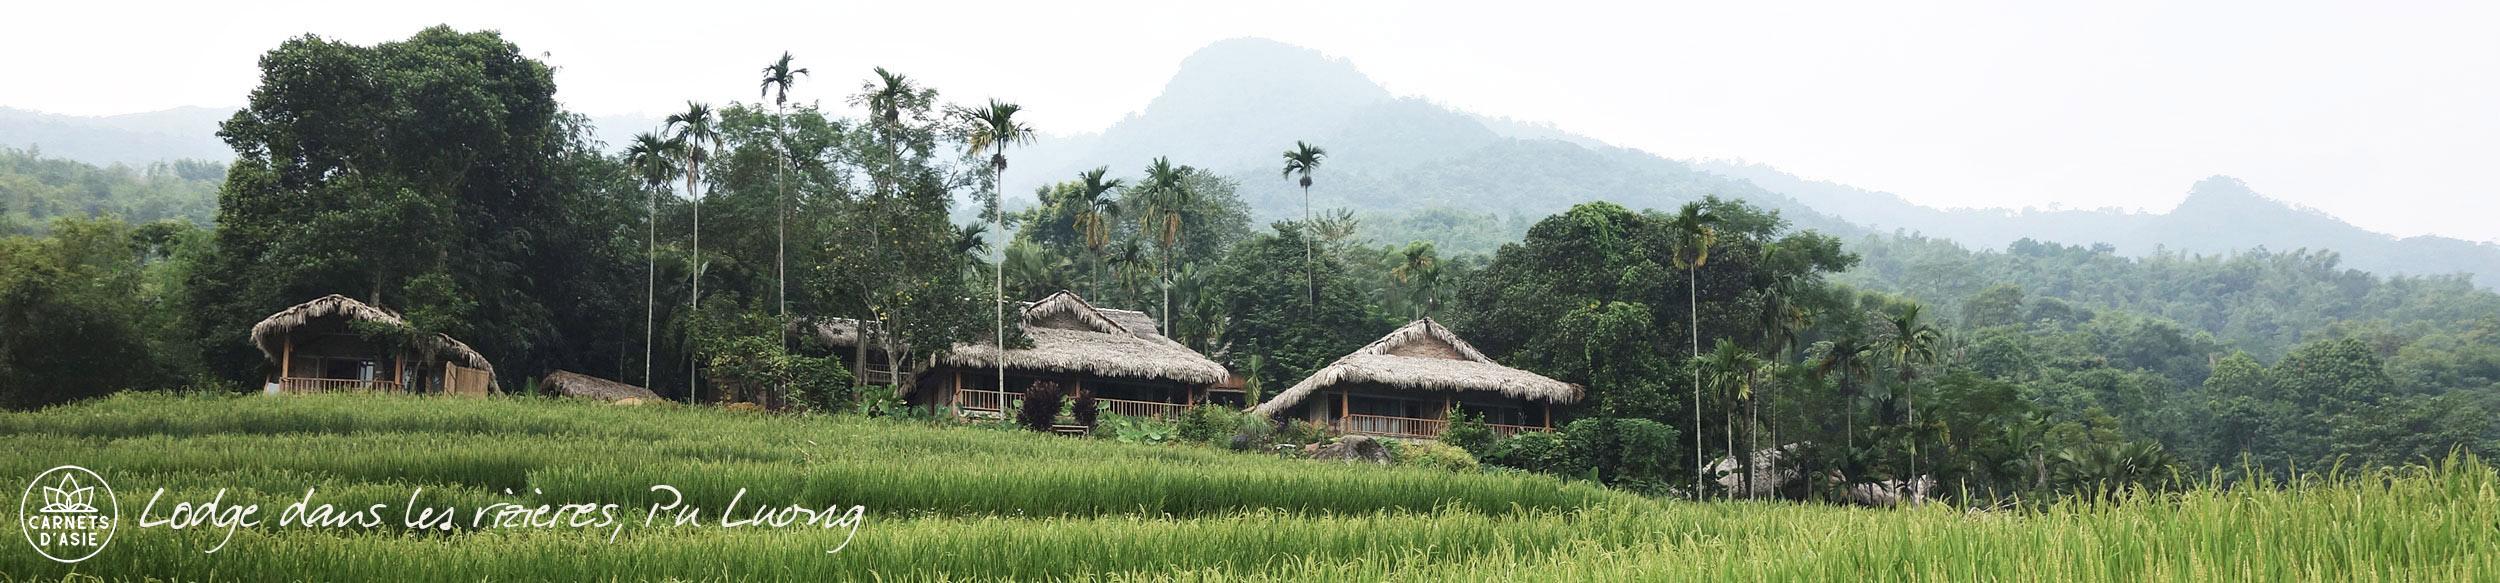 Lodge dans la réserve de Pu Luong au Vietnam